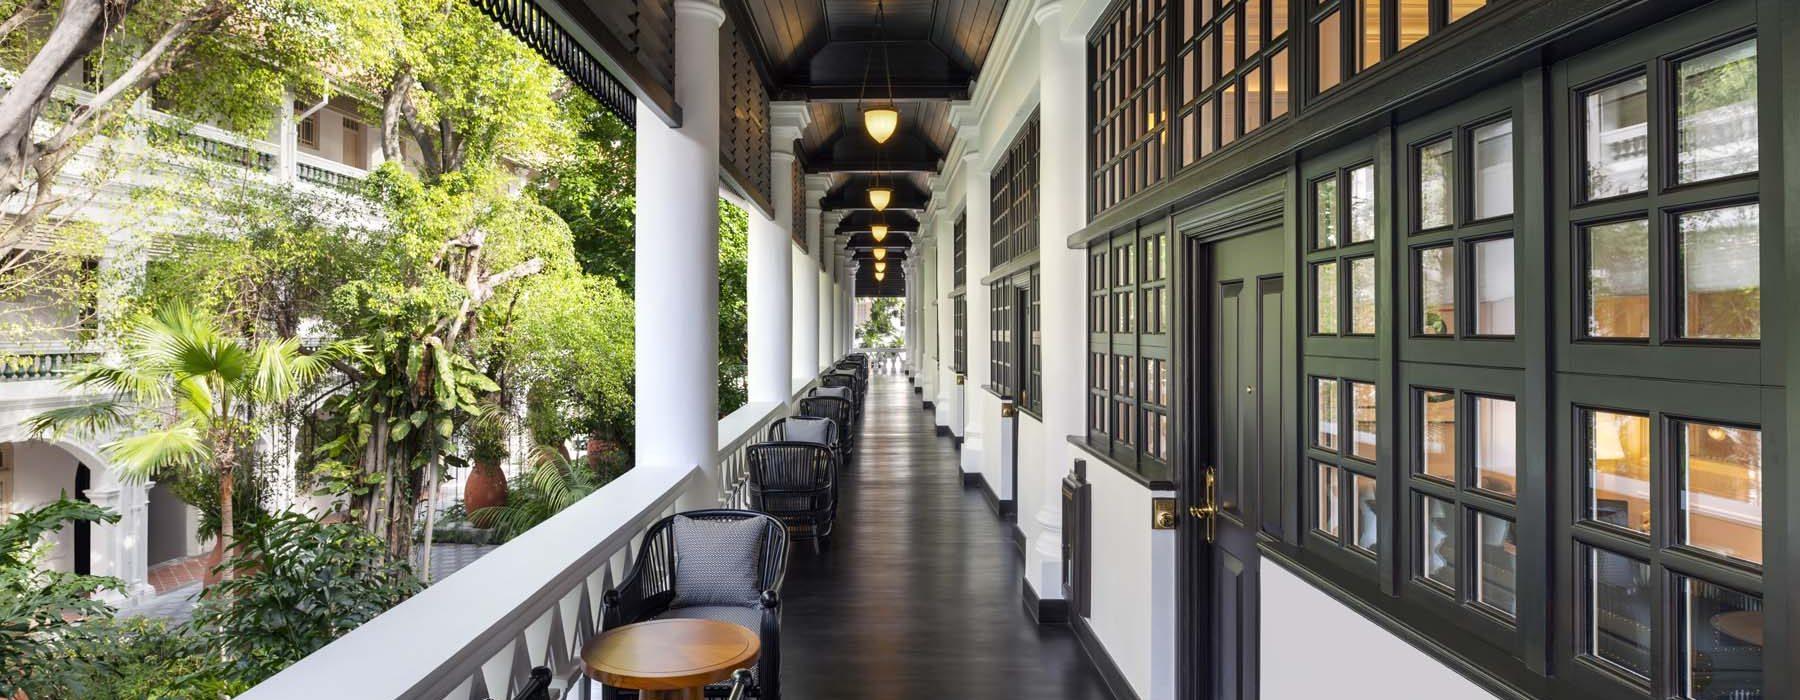 Raffles Singapore - Suites